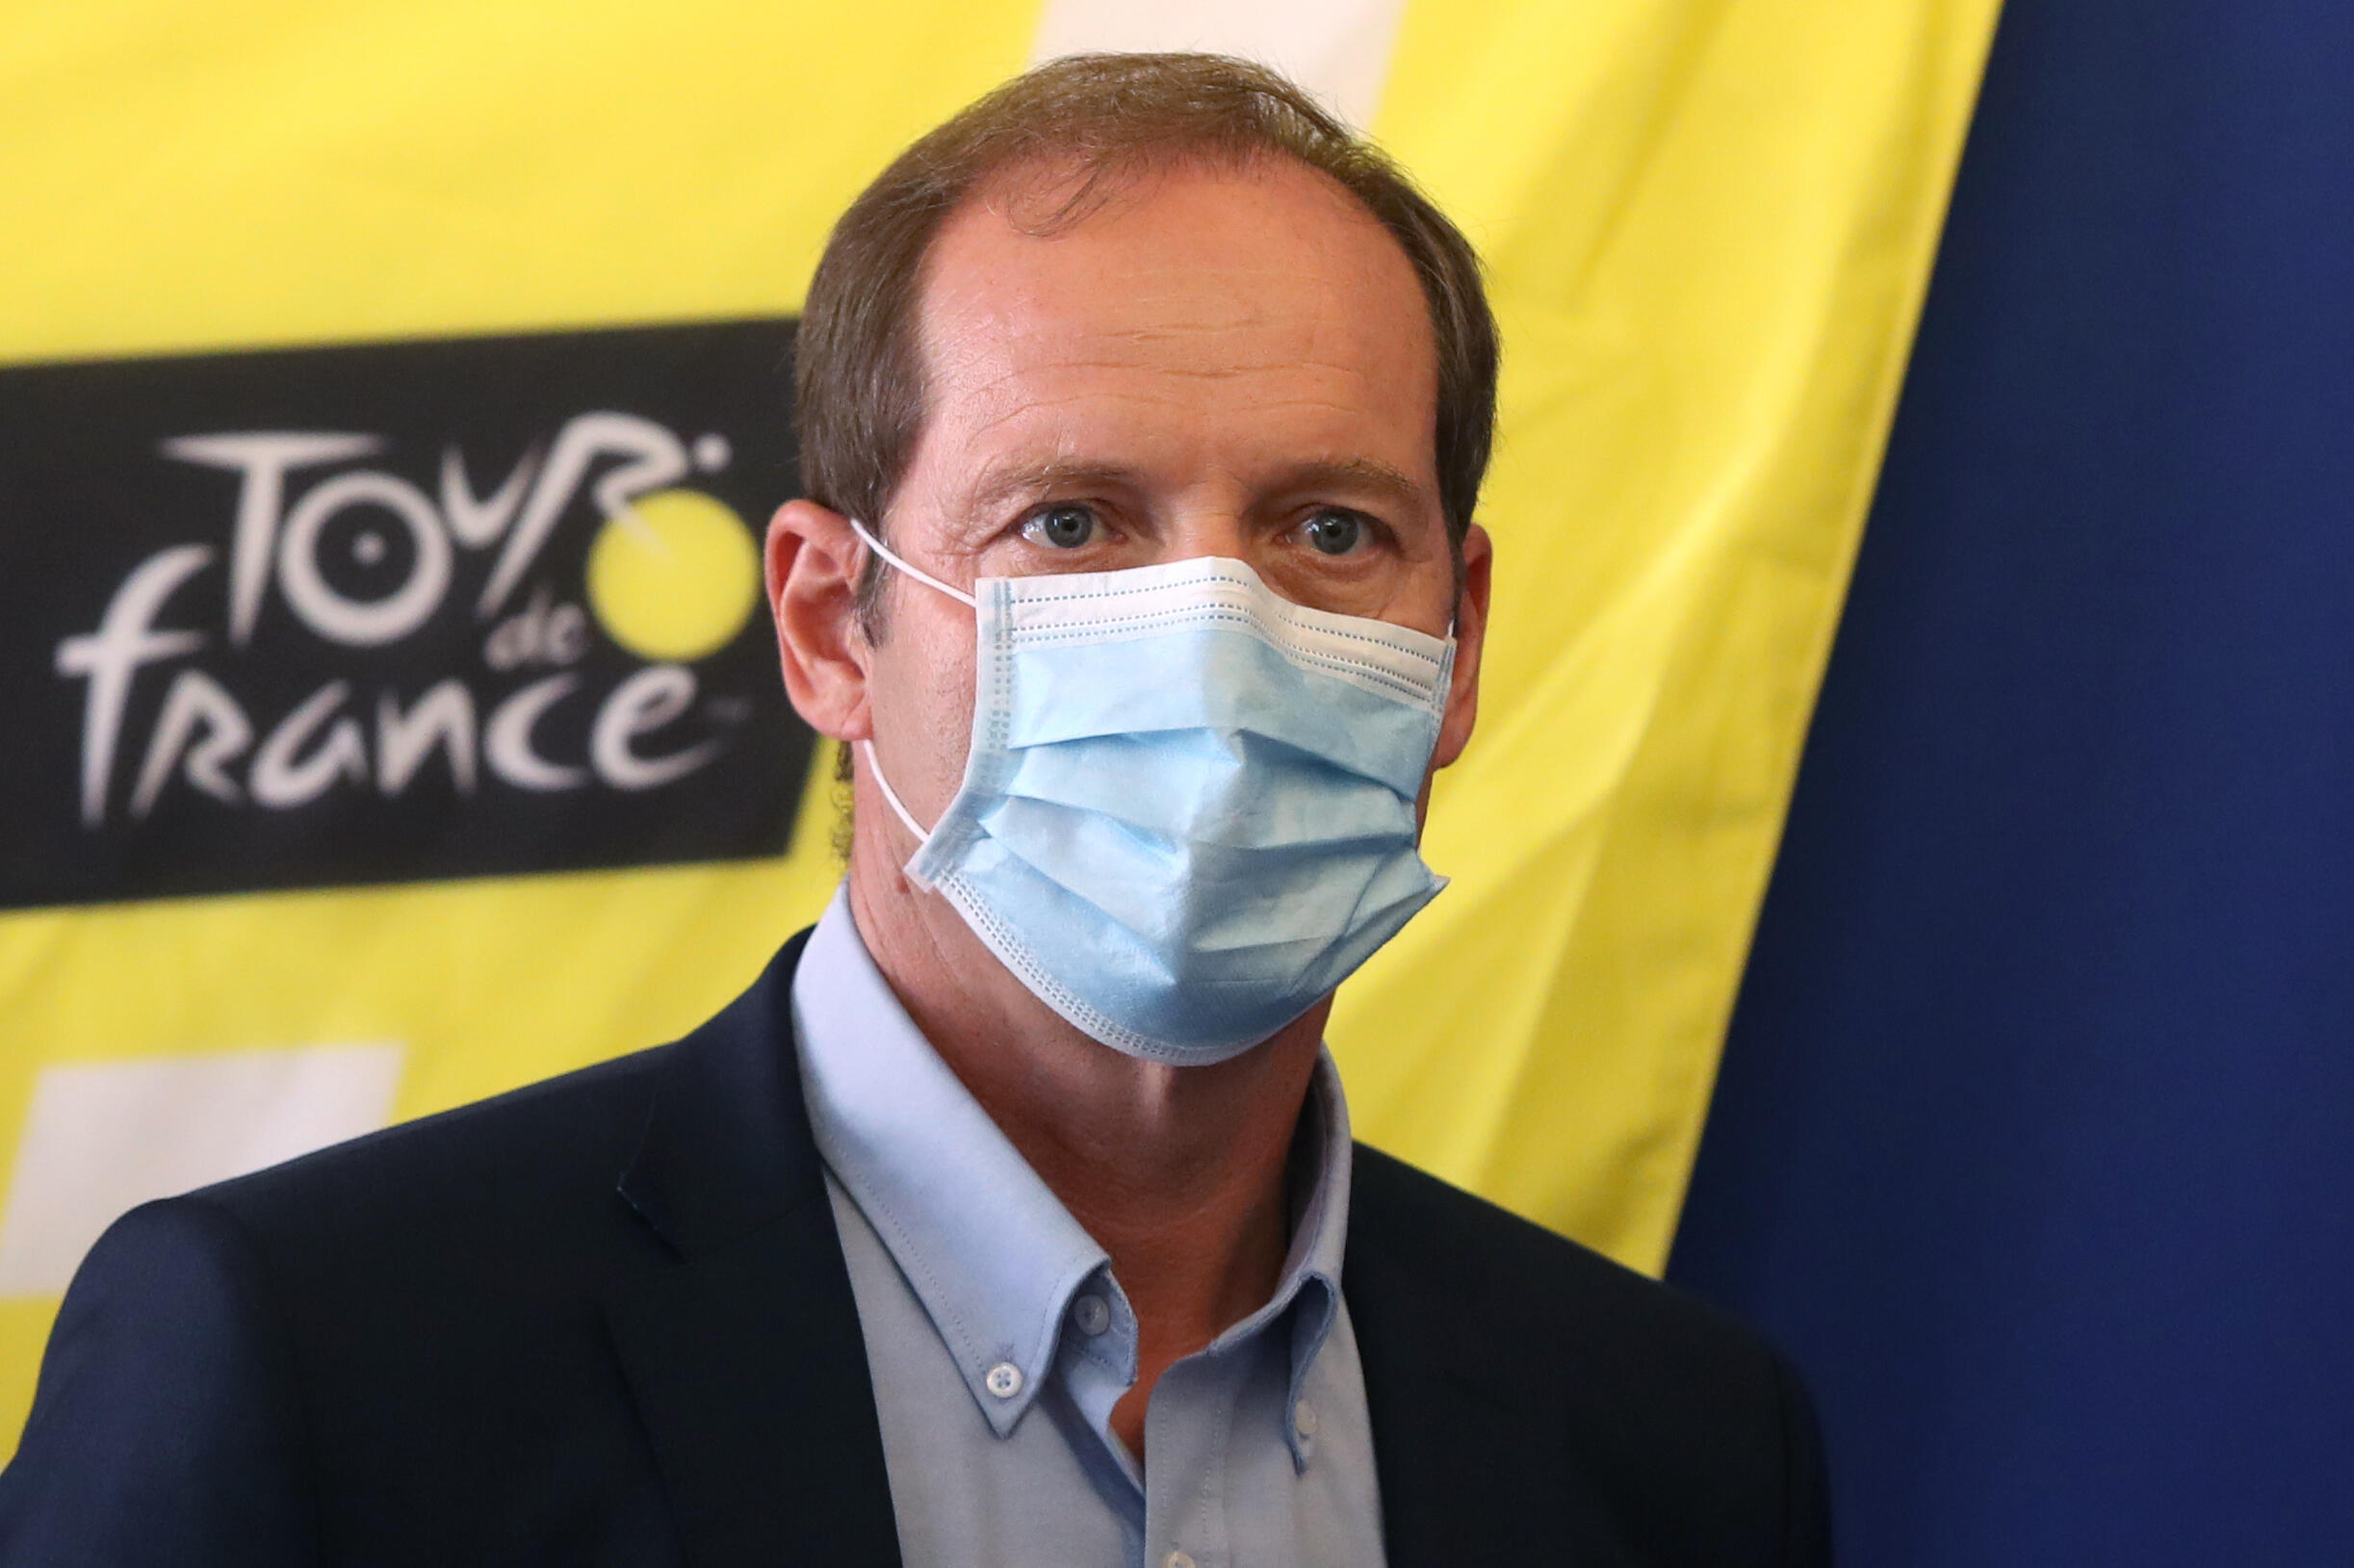 Le directeur du Tour de France Christian Prudhomme lors de la présentation des mesures sanitaires anti-Covid, le 19 août 2020 à Nice